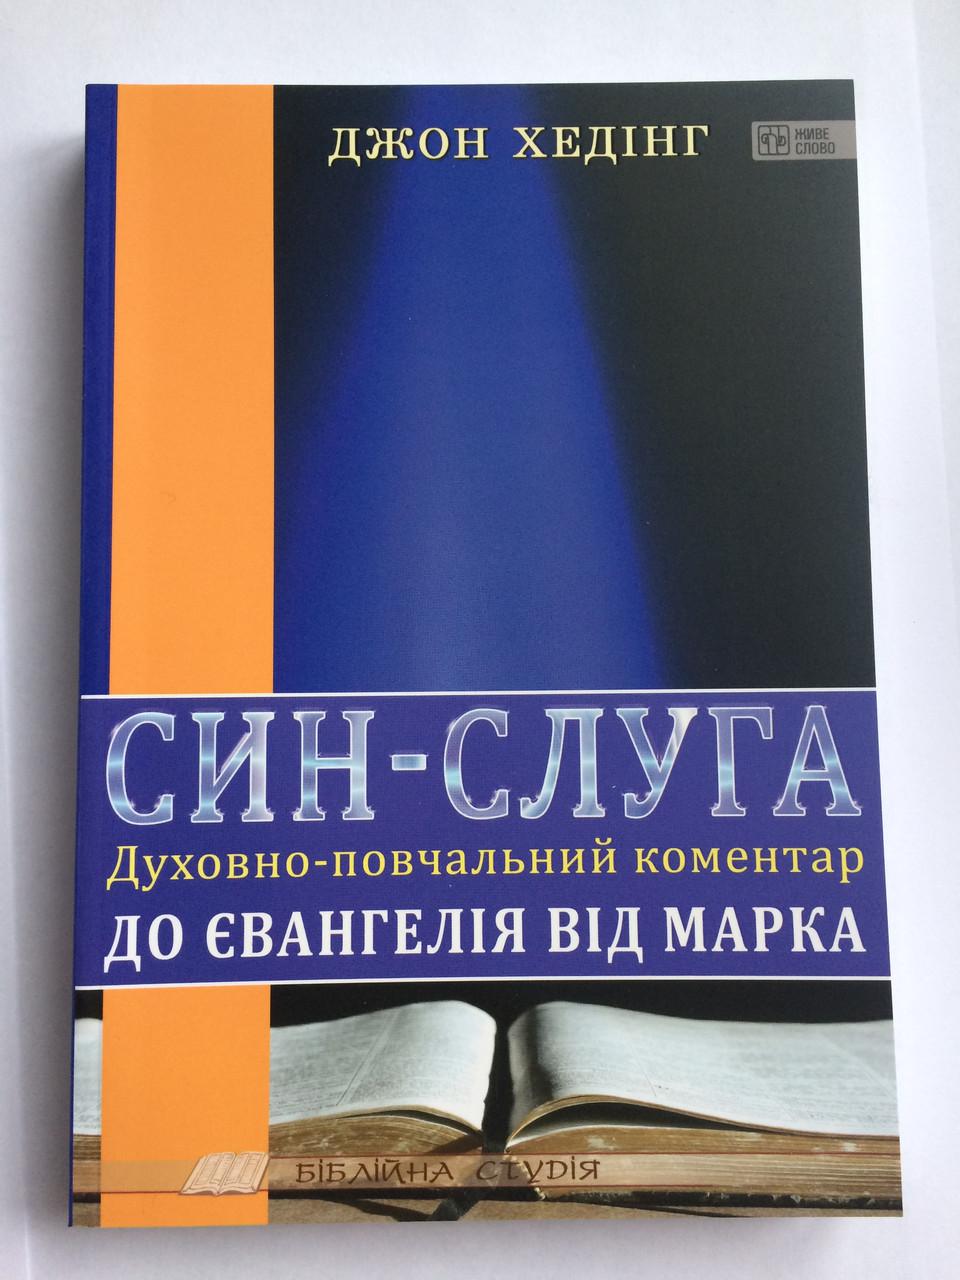 Син-Слуга. Духовно-повчальний коментар до Євангелія від Марка. Джон Хедінг